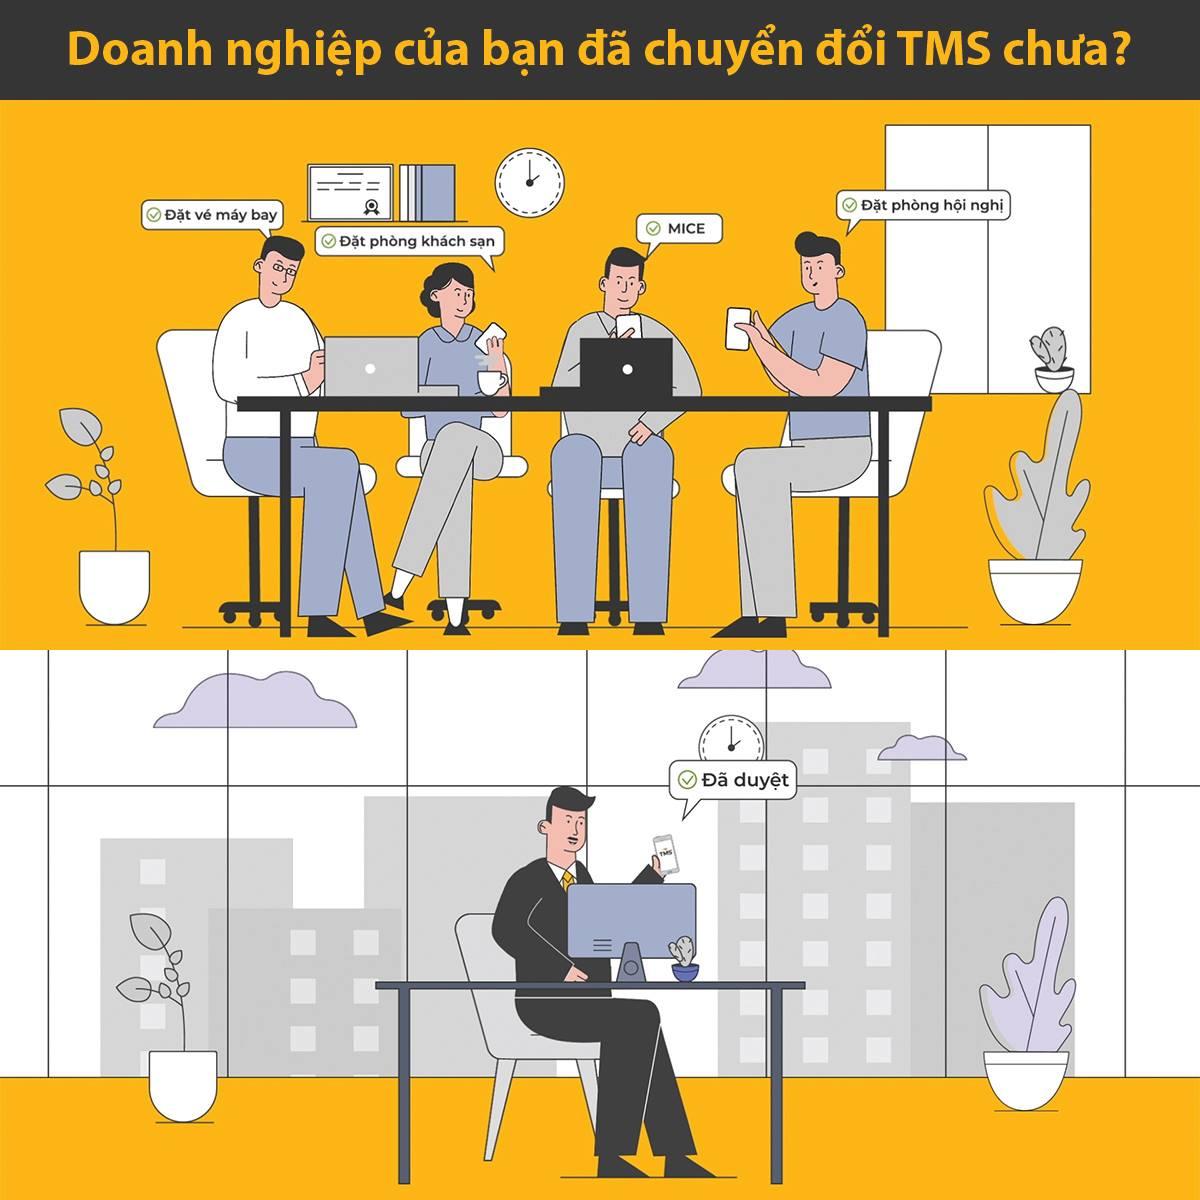 Doanh nghiệp của bạn đã chuyển đổi TMS chưa?